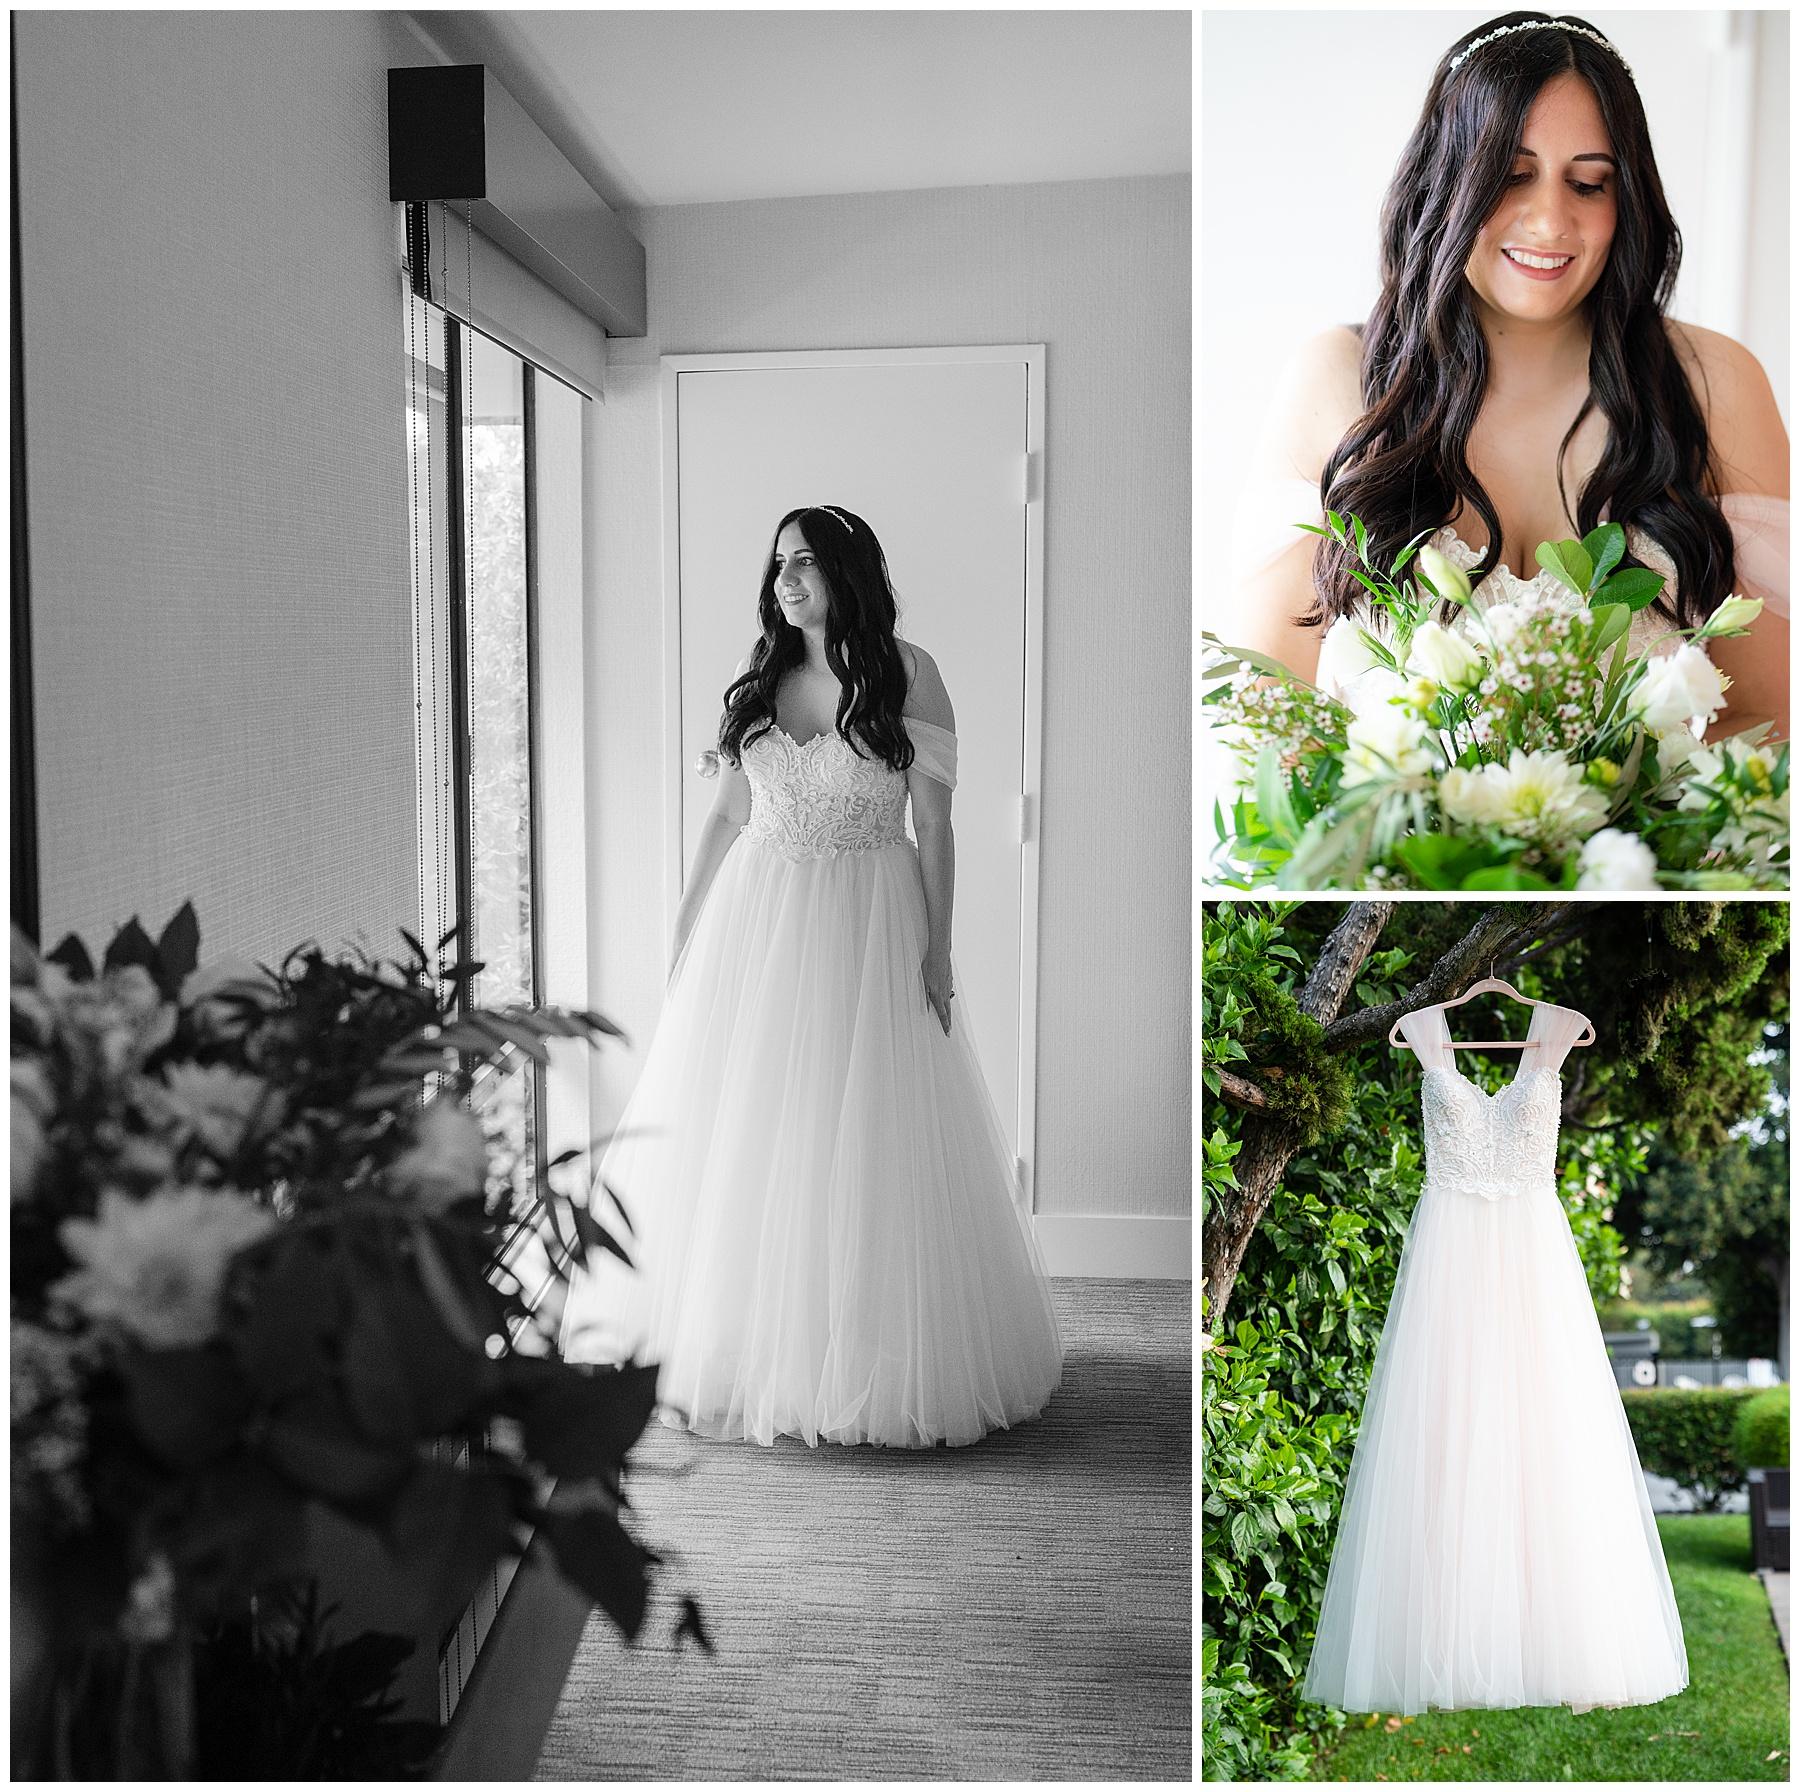 princess bride standing at door